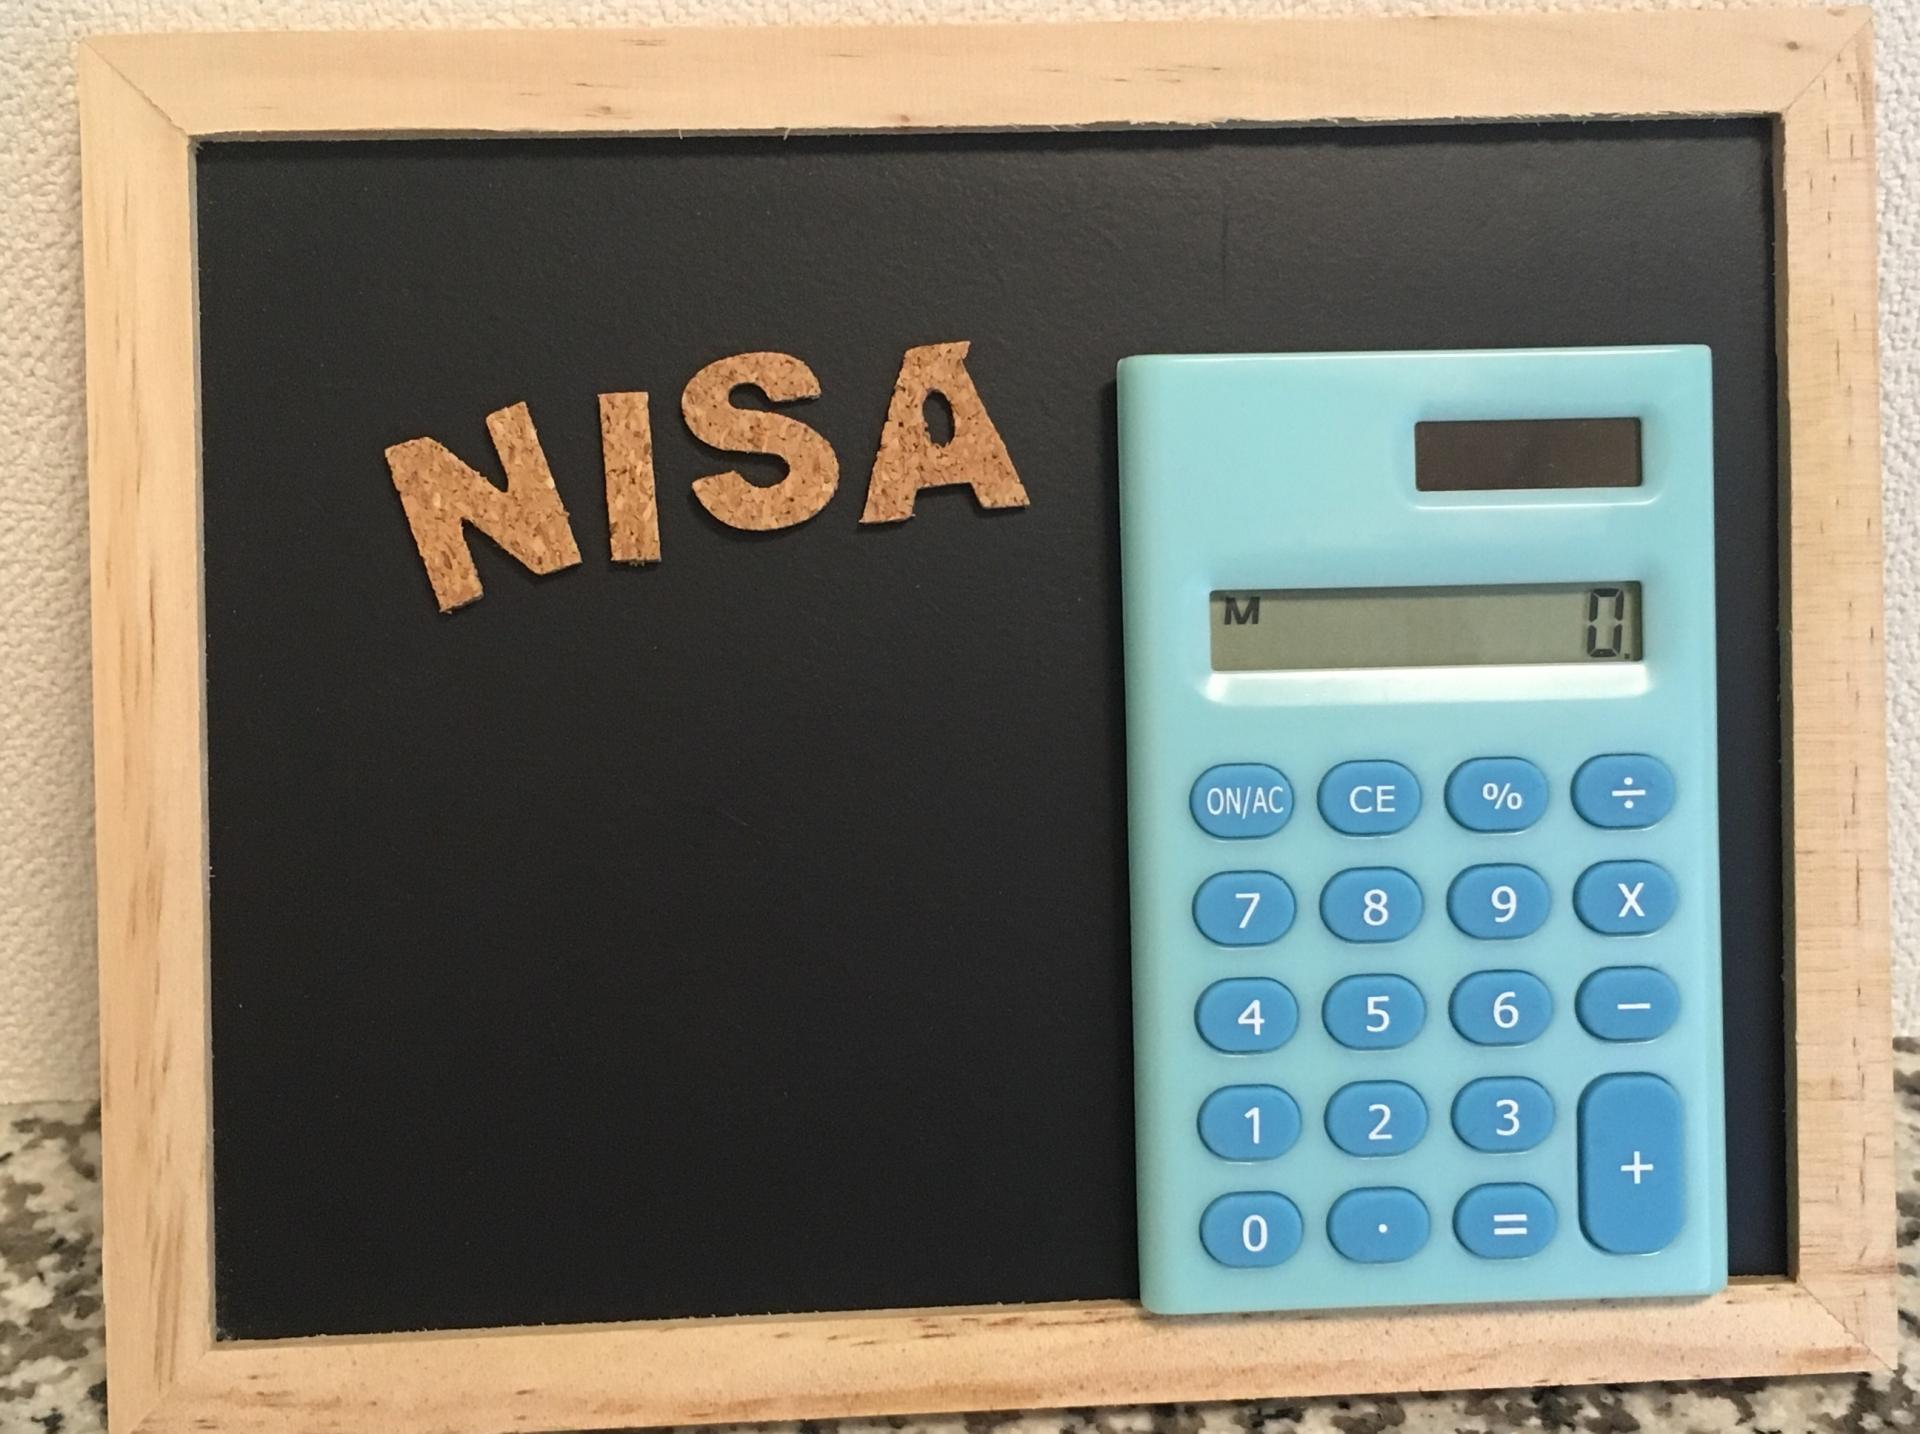 通常NISA恒久化は見送りへ、つみたてNISAは延長を検討、今後の投資環境はどうなる?